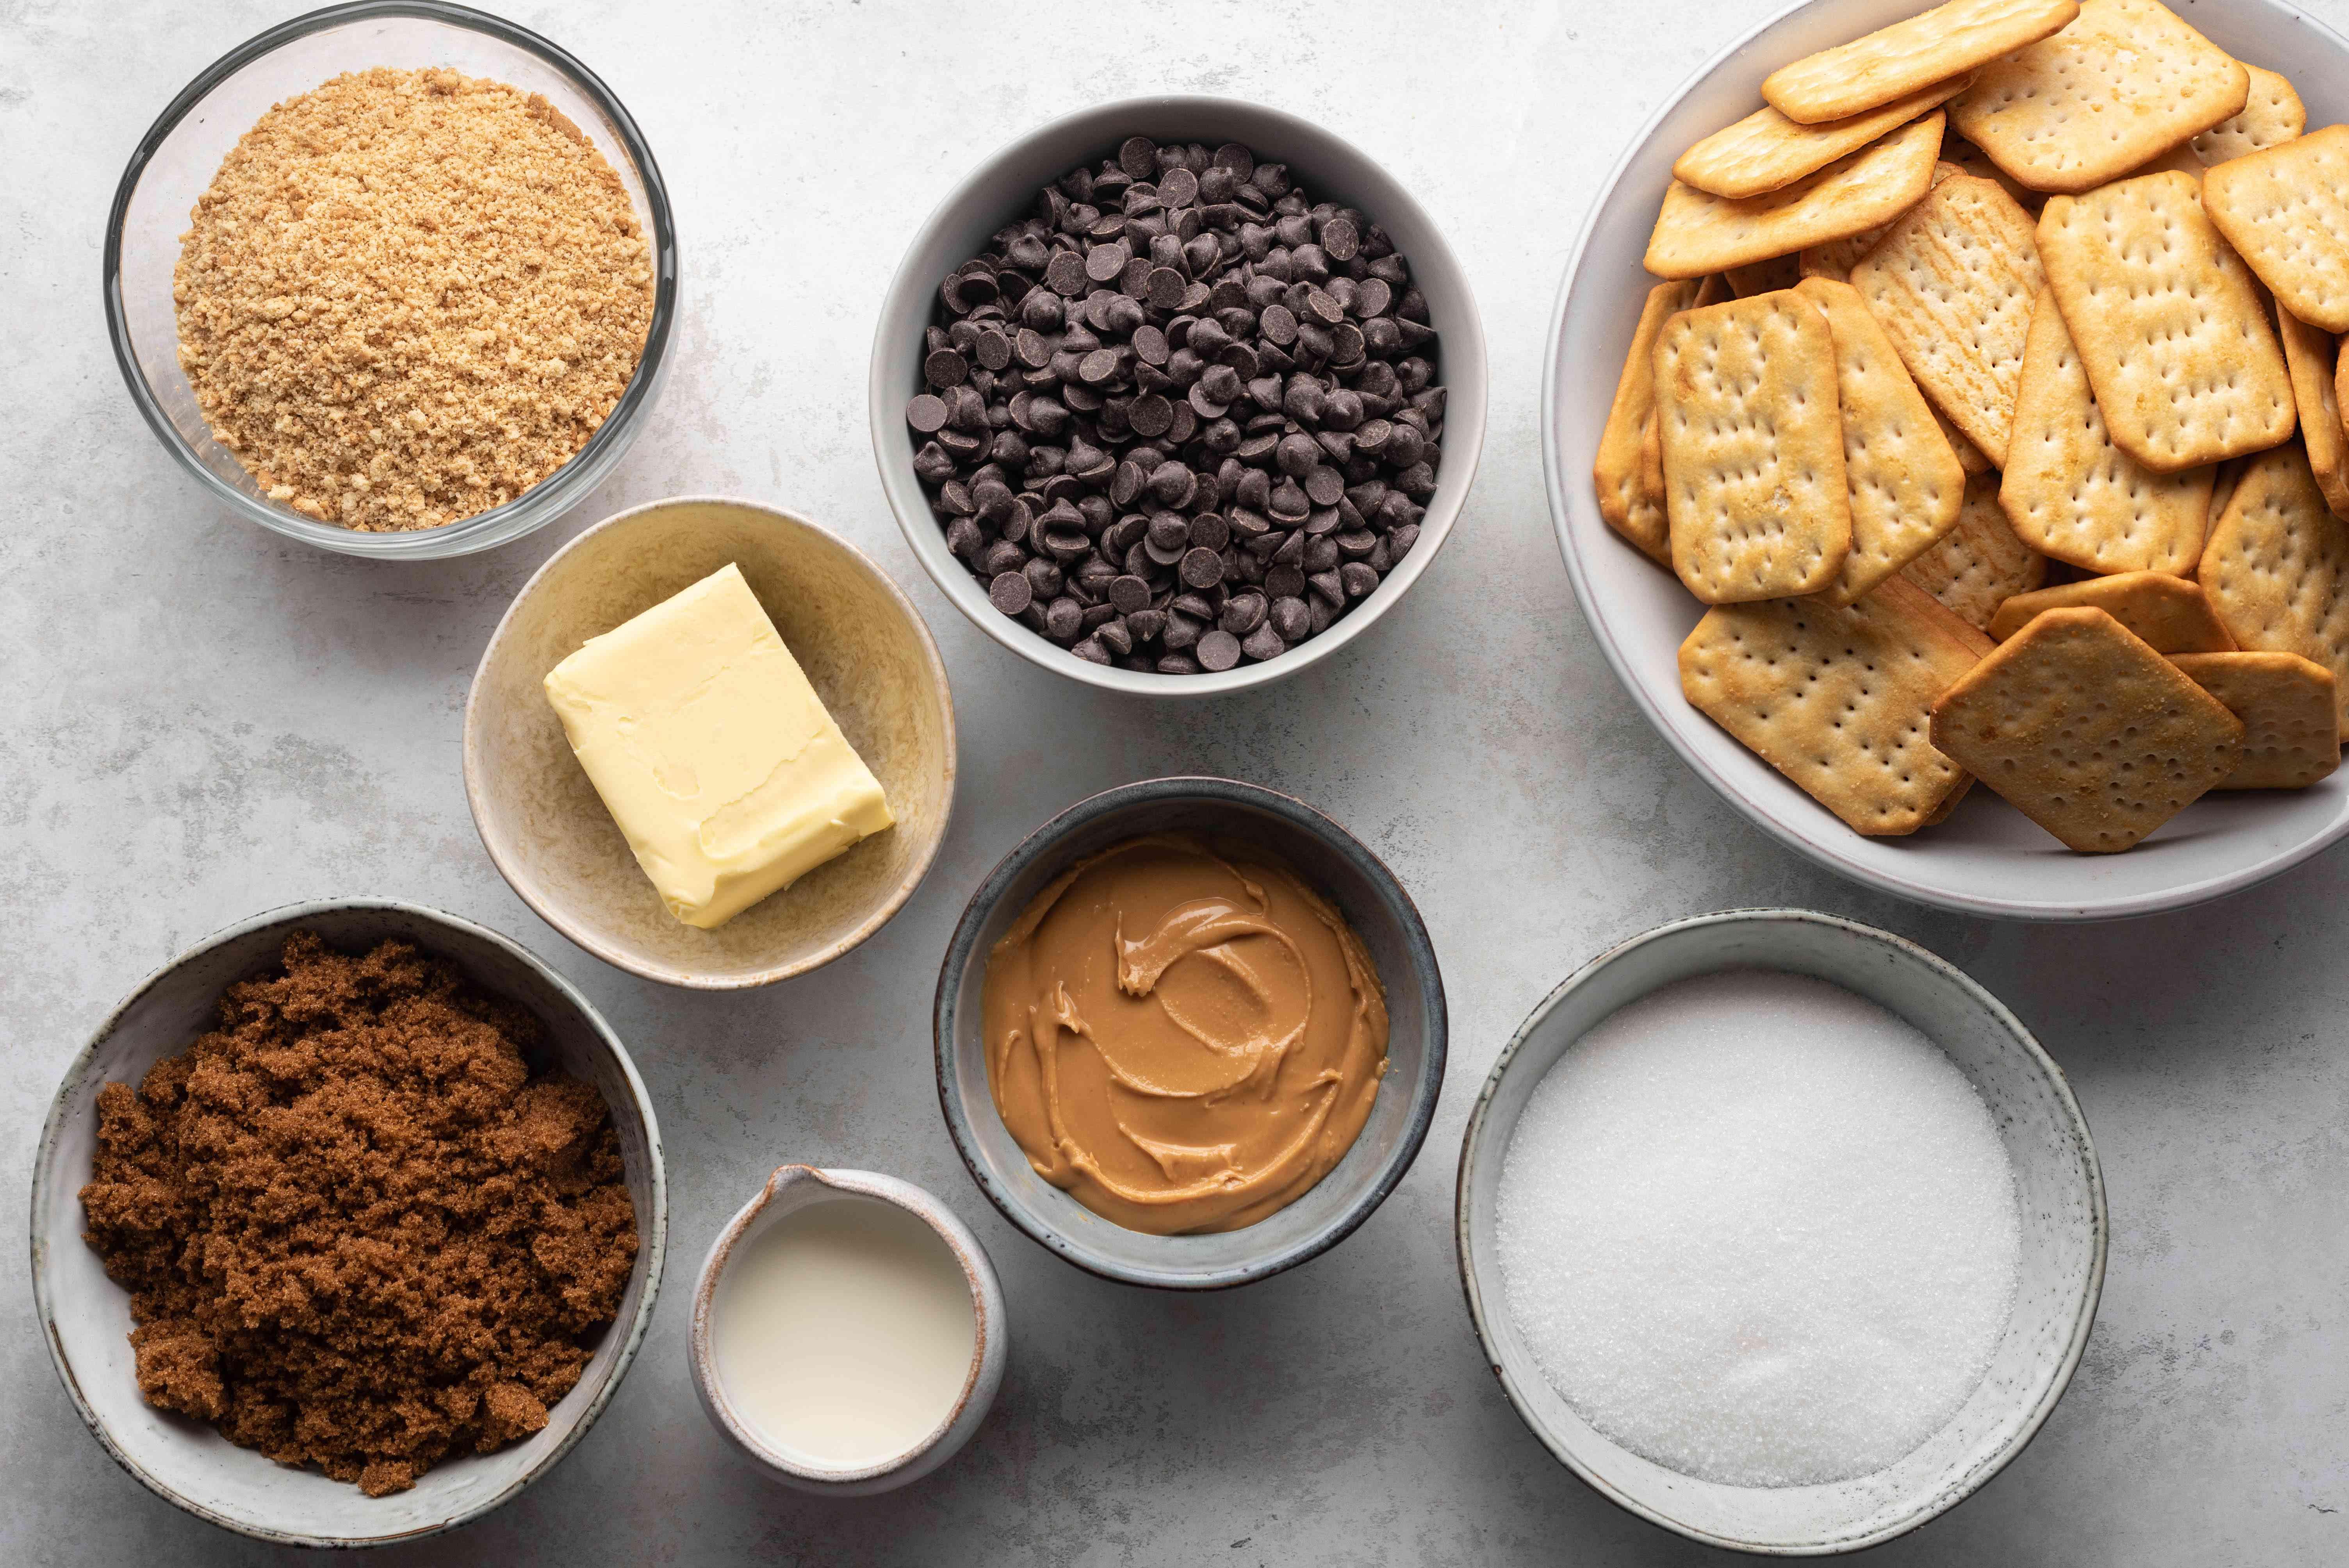 Homemade Kit Kat Bar Recipe ingredients